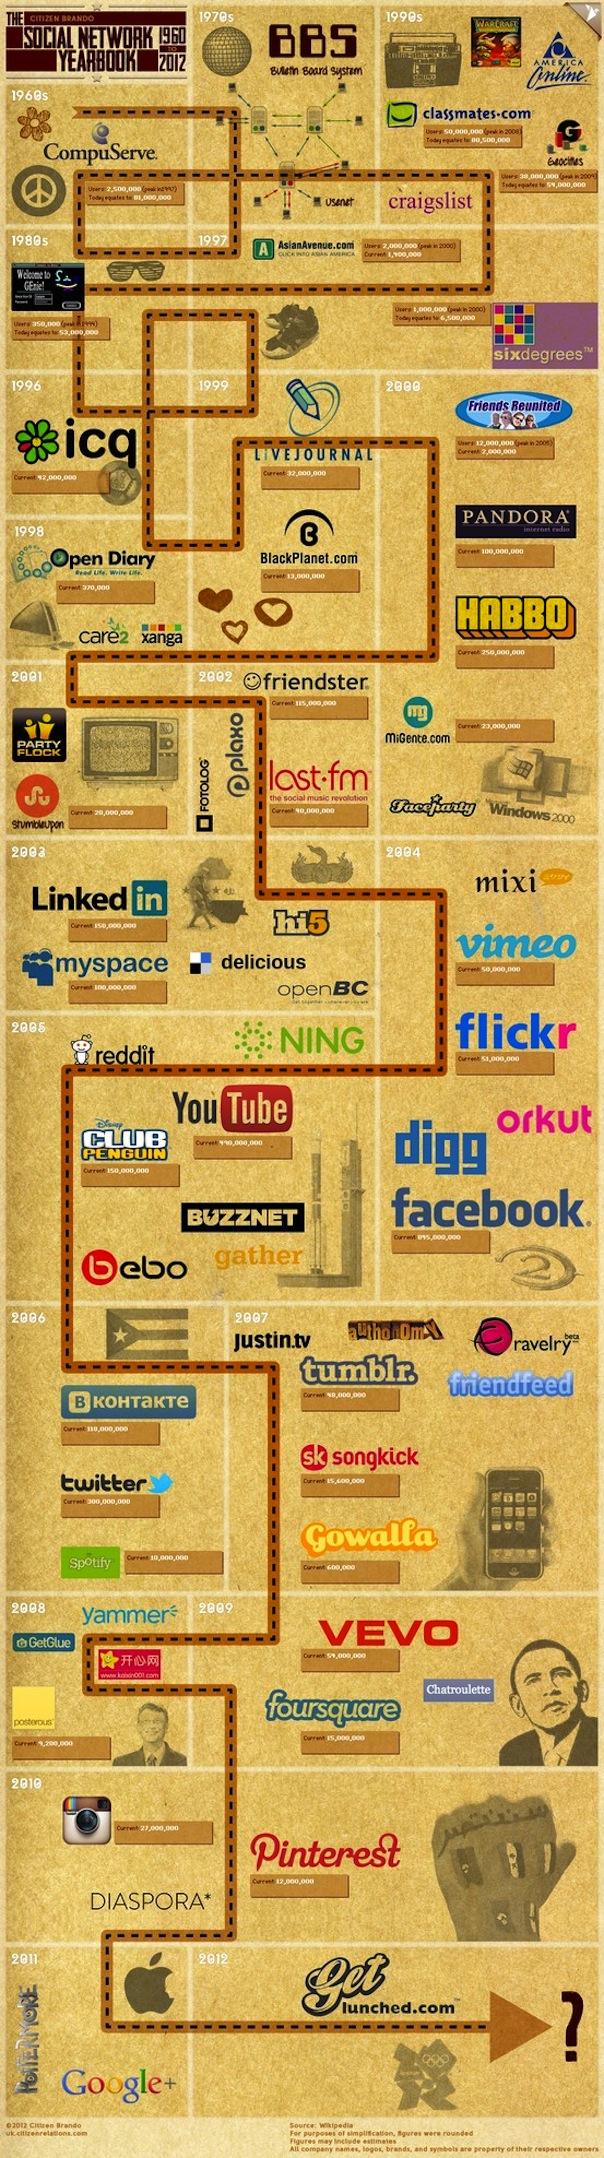 L'histoire complète des réseaux sociaux